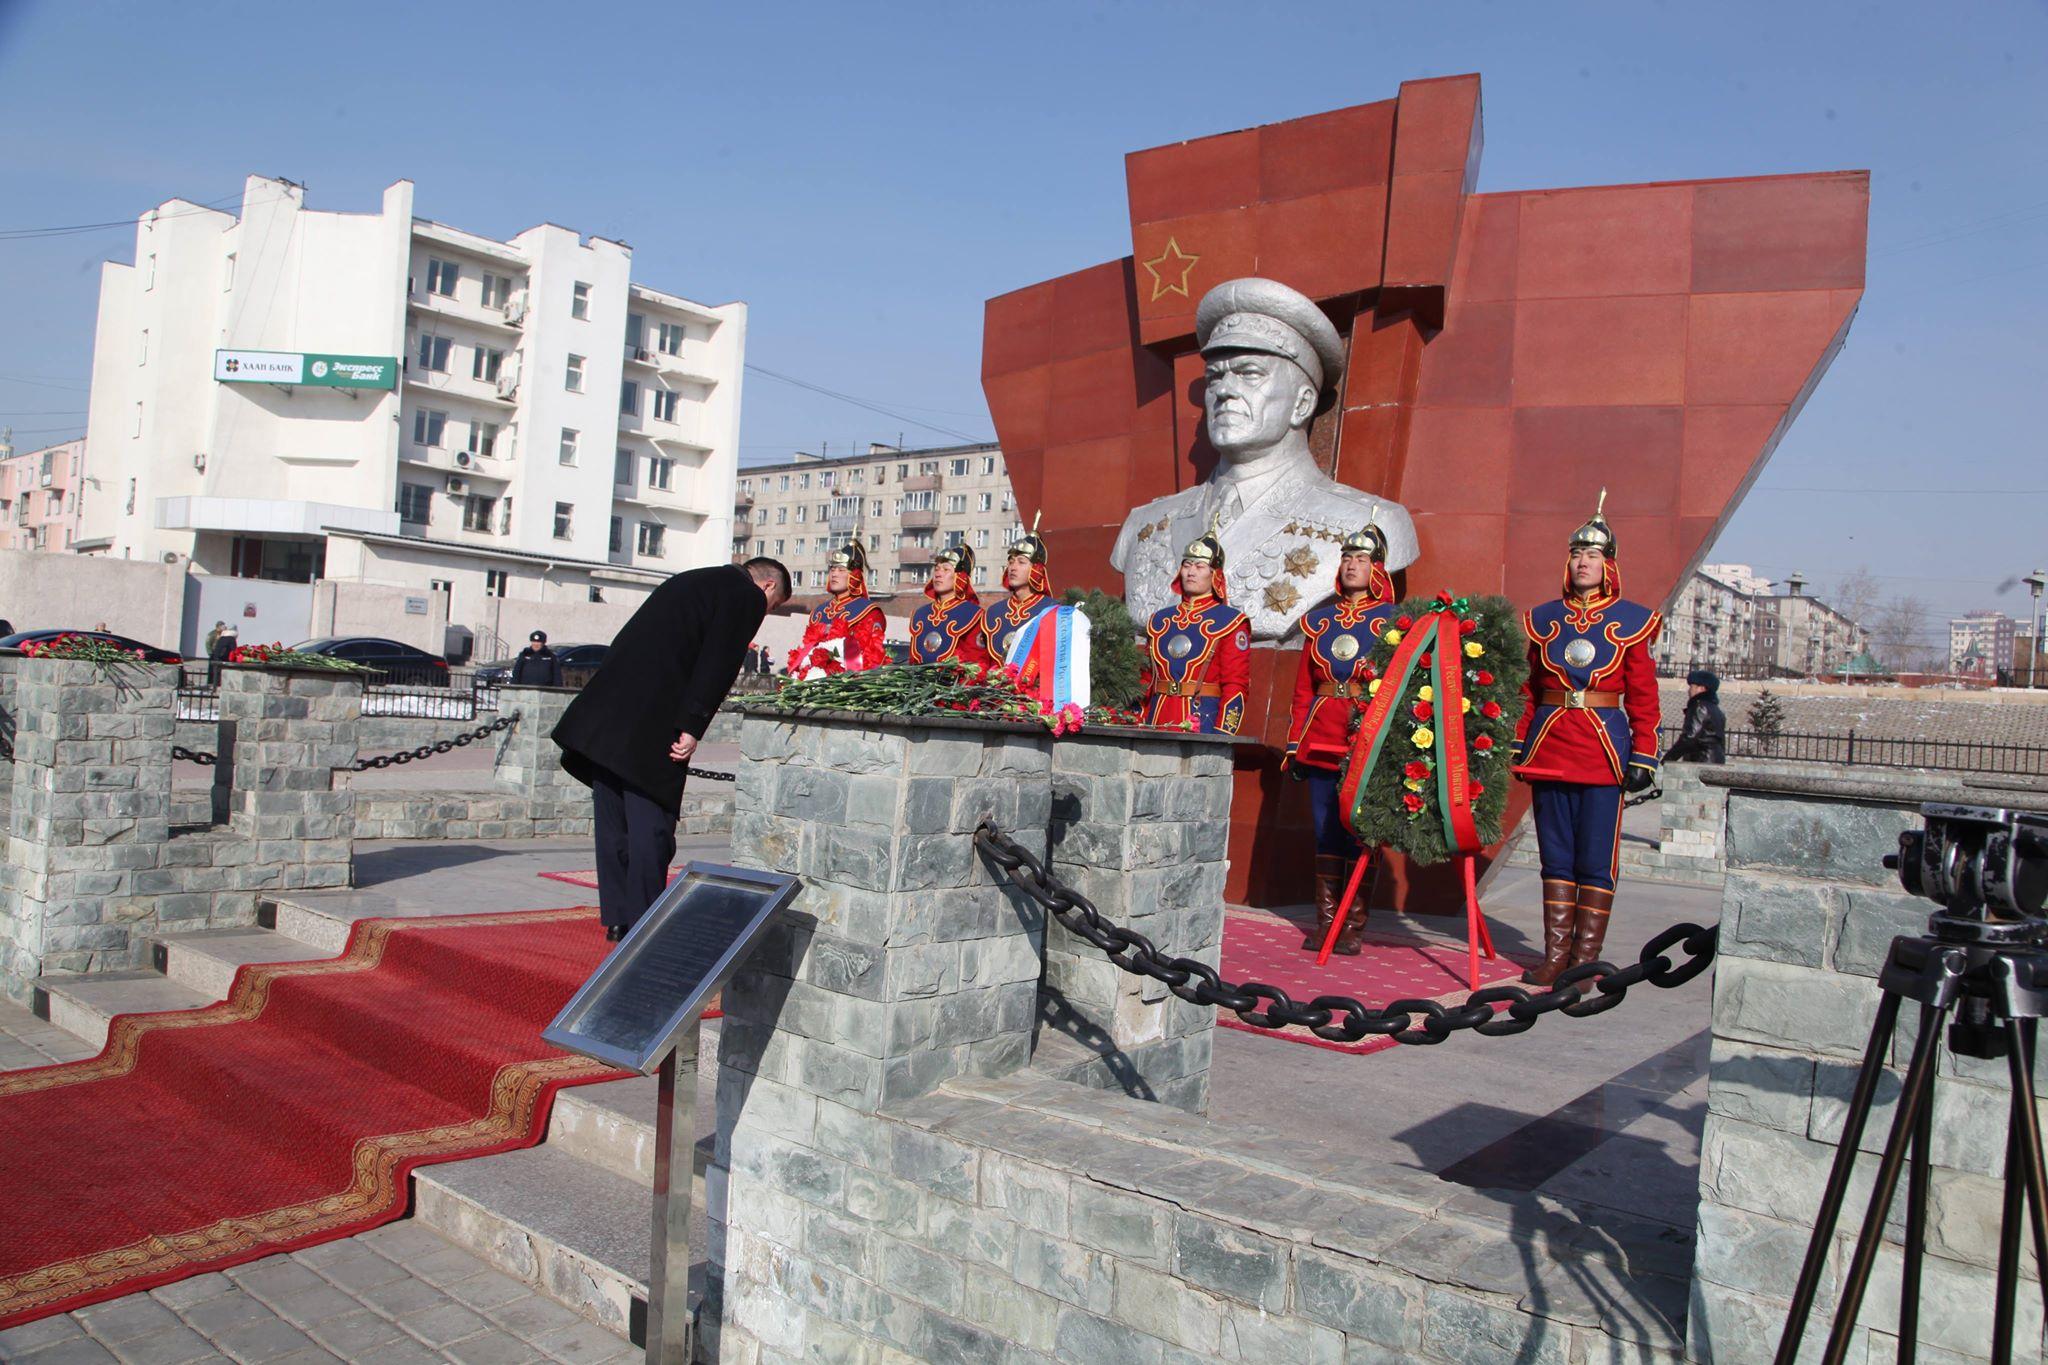 БНМАУ-ын хошой баатар, маршал Г.К.Жуковын хөшөөнд цэцэг өргөлөө